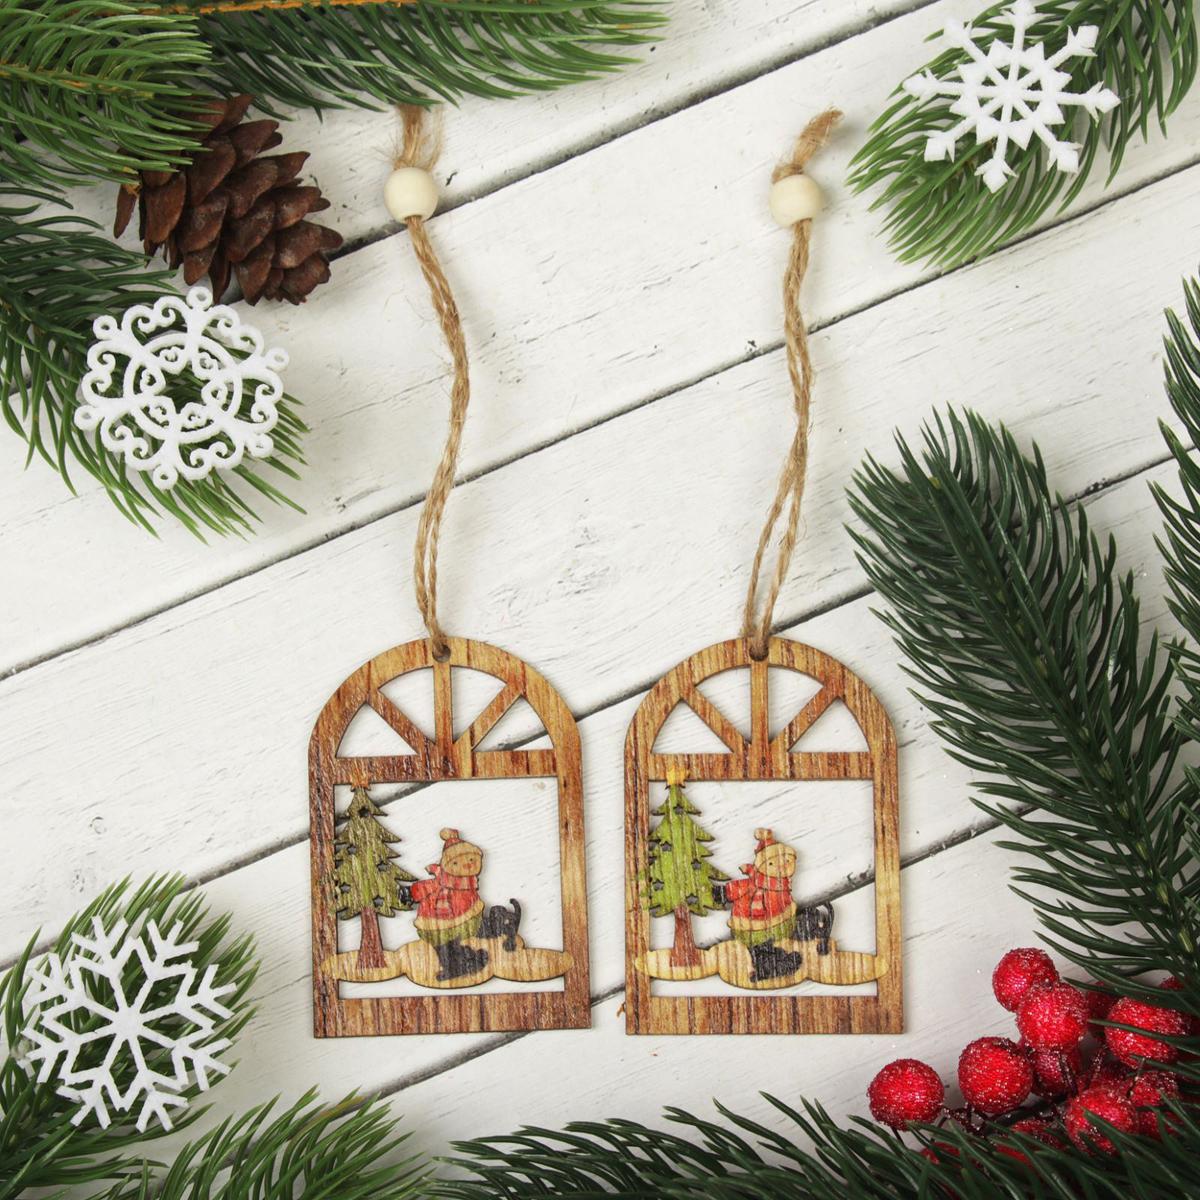 Подвеска новогодняя Снеговик в окне, 4 х 8 см, 2 шт2303264Новогодняя подвеска Снеговик в окне выполнена из дерева в виде снеговика на конках в окне. Подвеску можно повесить на елку благодаря специальному текстильному шнурку.Невозможно представить нашу жизнь без праздников! Мы всегда ждем их и предвкушаем, обдумываем, как проведем памятный день, тщательно выбираем подарки и аксессуары, ведь именно они создают и поддерживают торжественный настрой. Это отличный выбор, который привнесет атмосферу праздника в ваш дом!